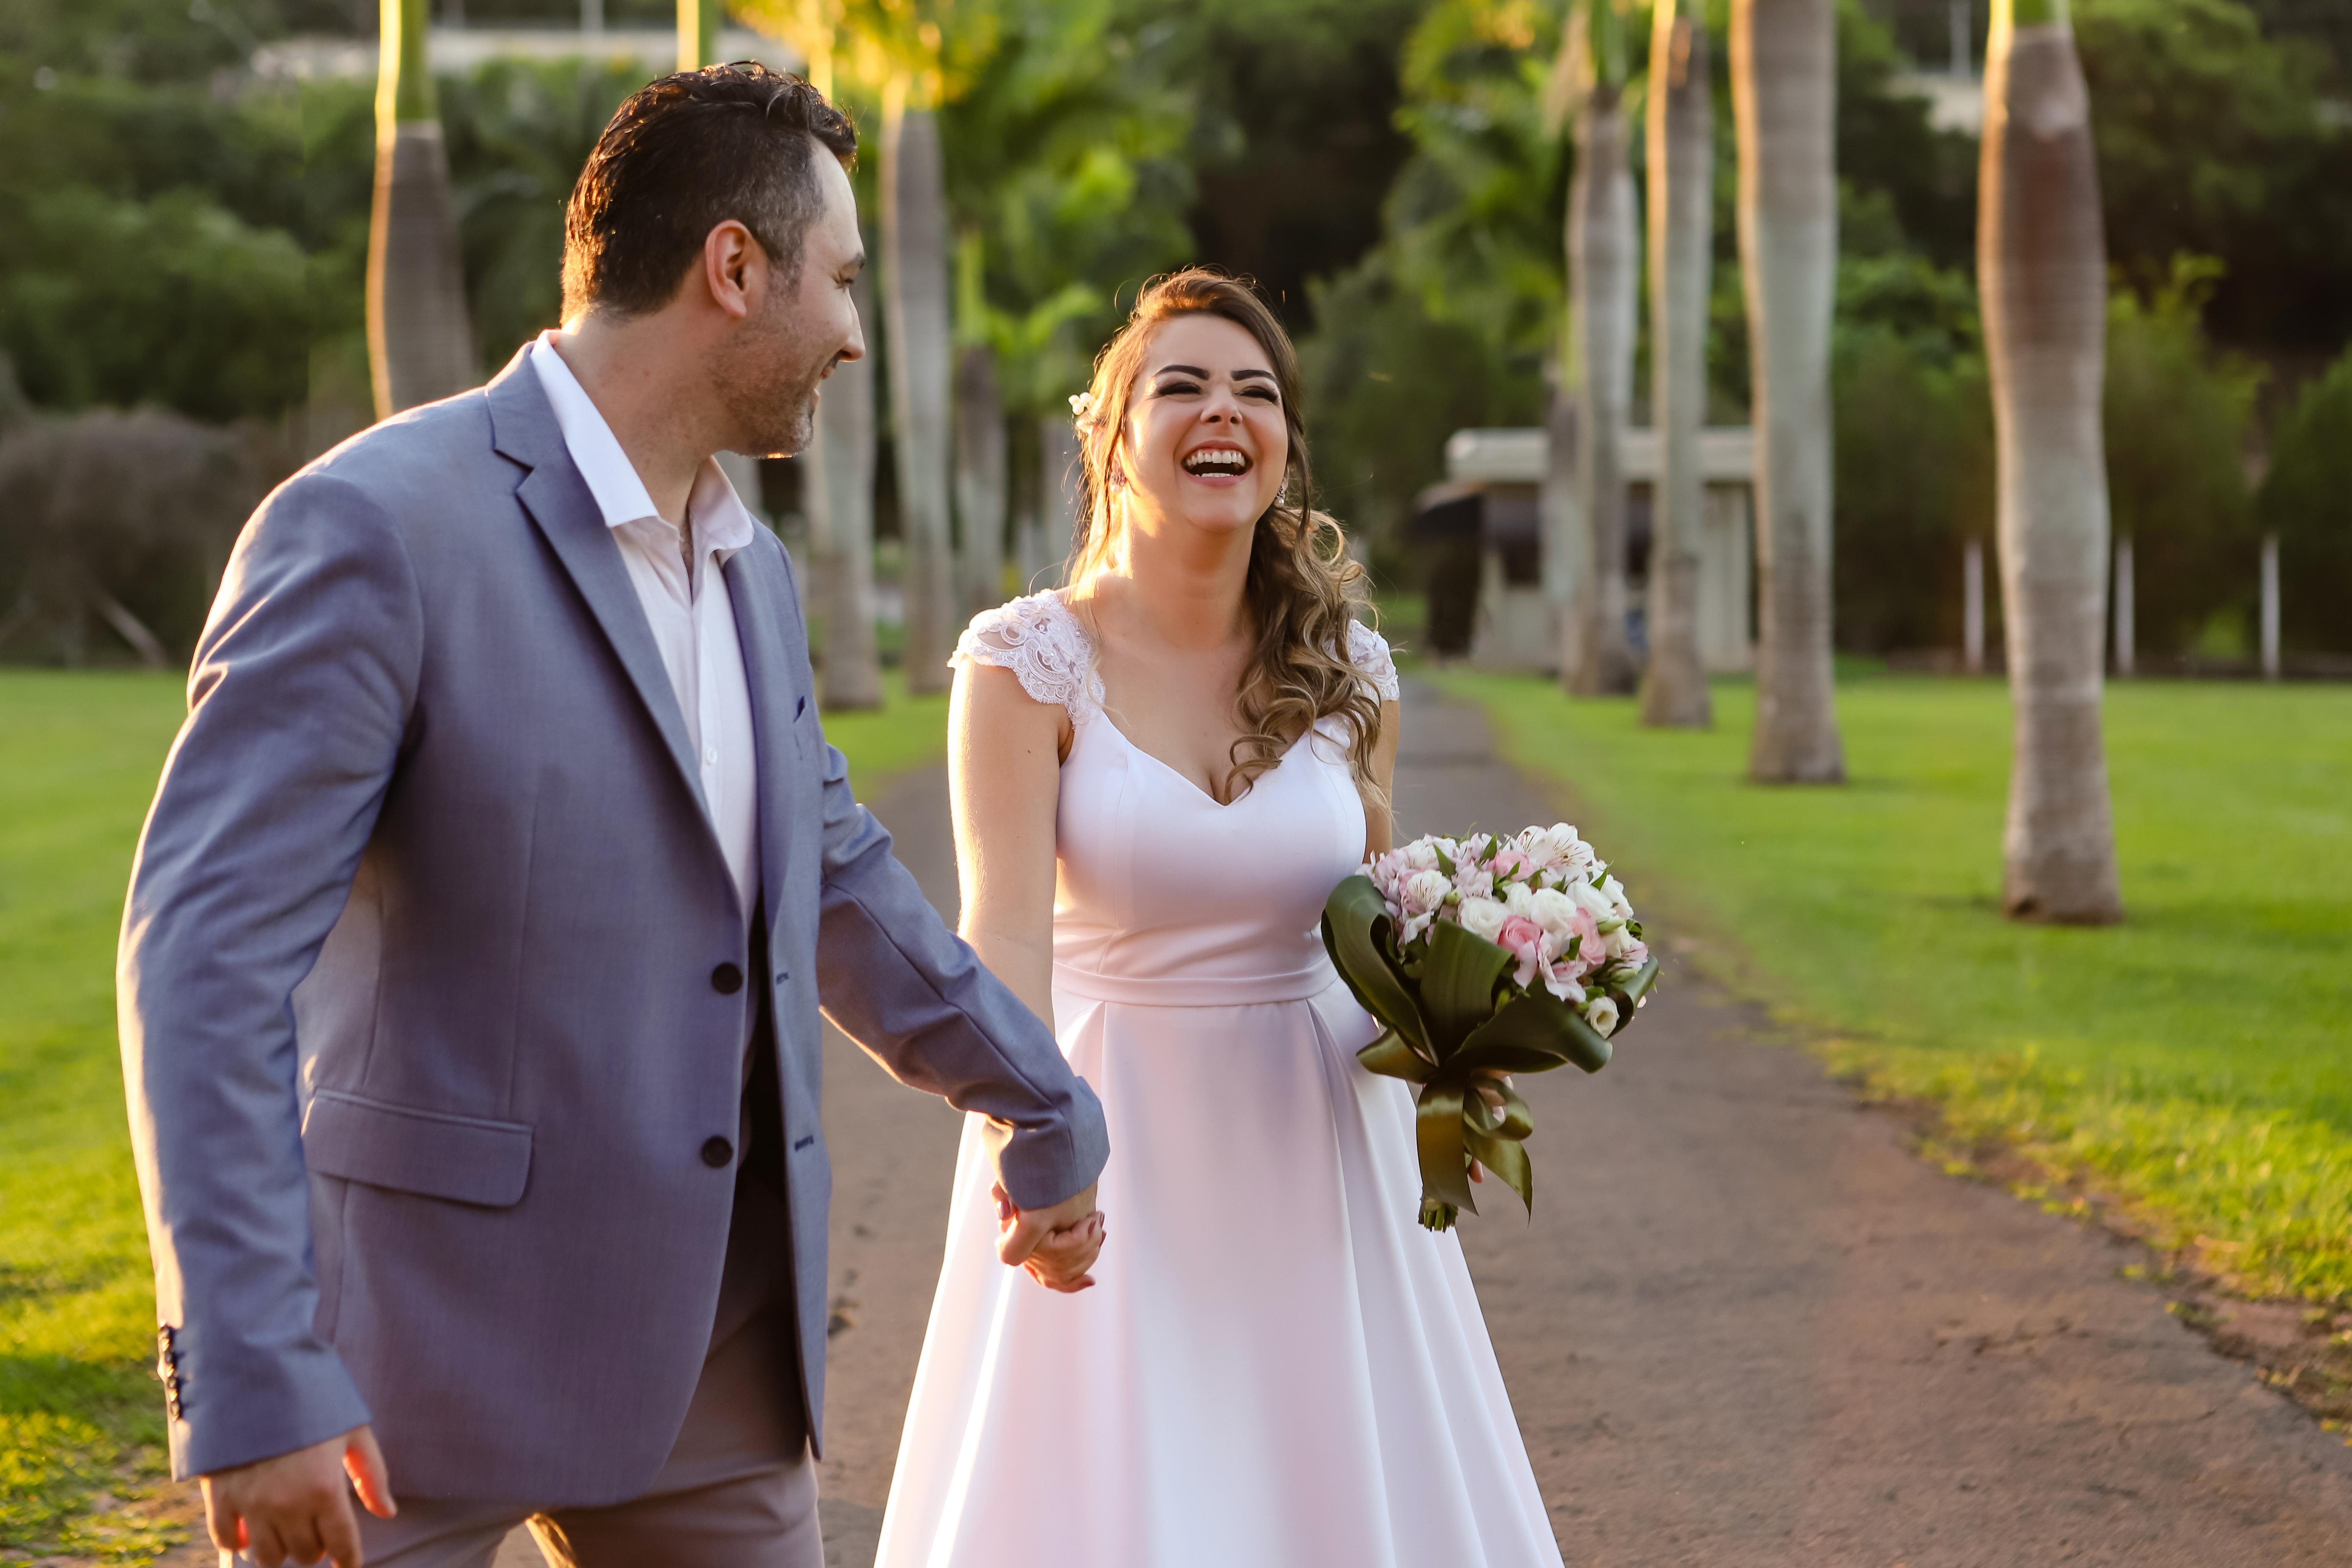 Contate Jaque Risse - Fotógrafa de Casamento, Gestante e Newborn em Bebedouro - SP